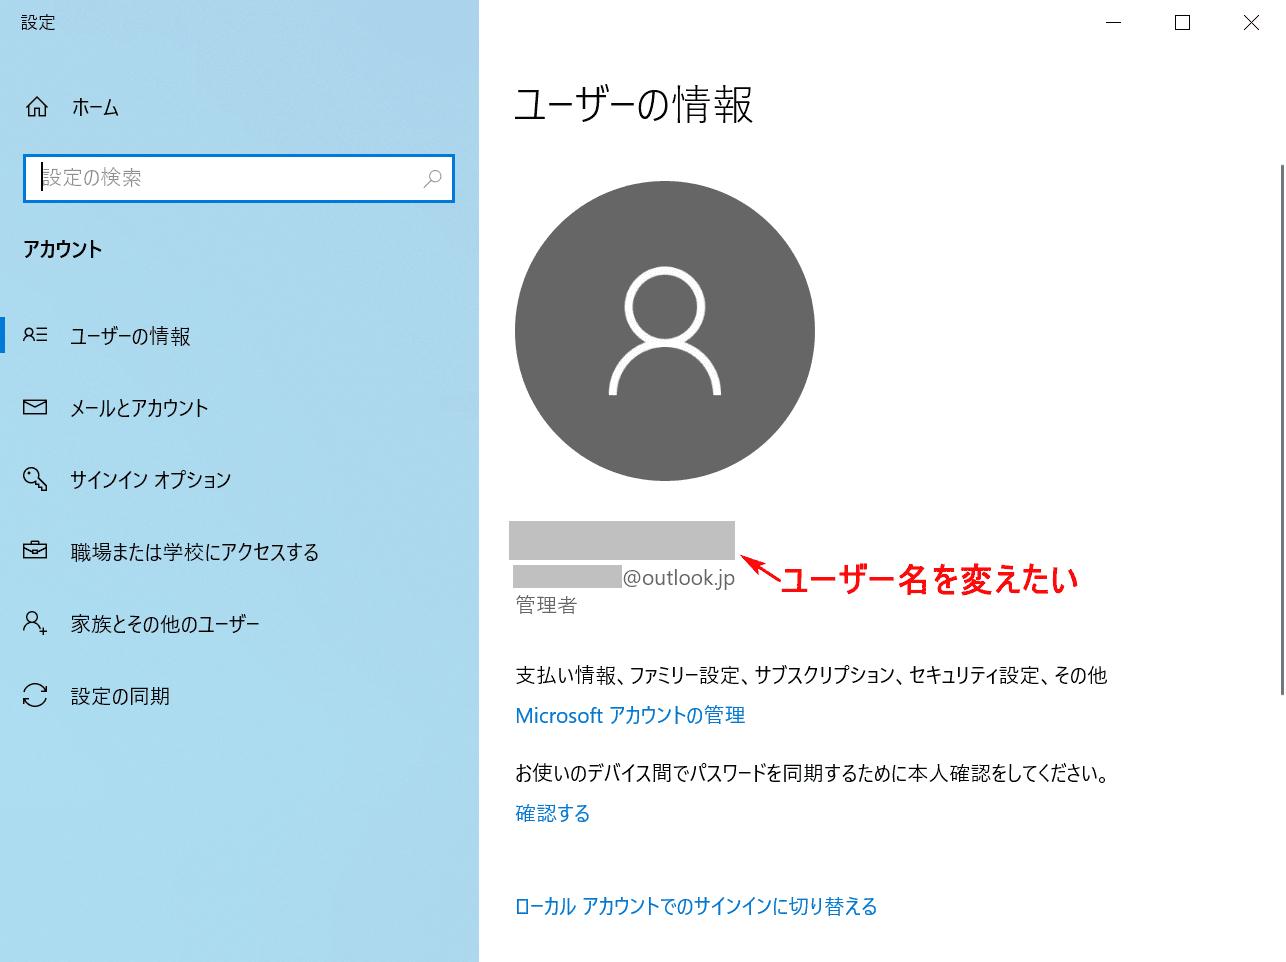 ユーザー名を変えたい